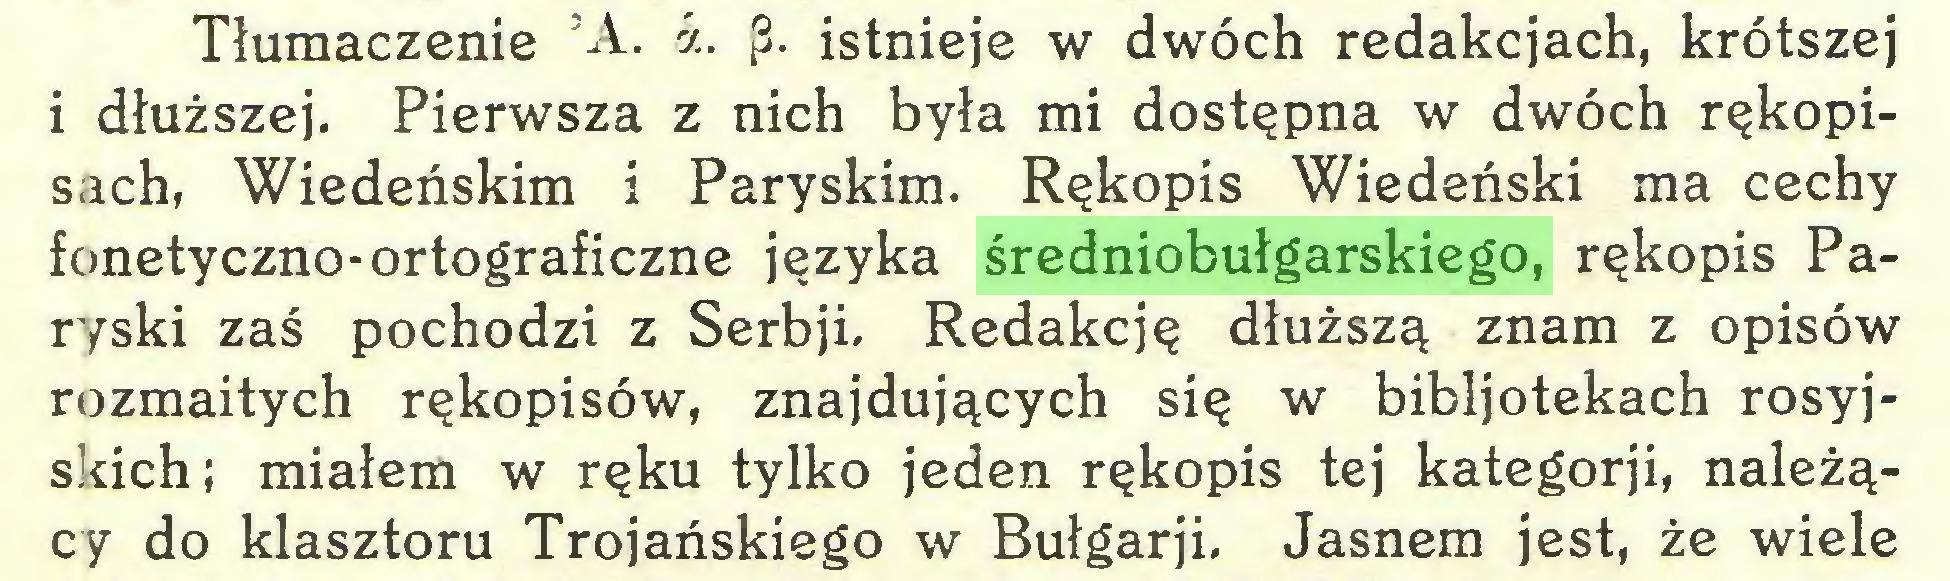 (...) Tłumaczenie 5A. á. p. istnieje w dwóch redakcjach, krótszej i dłuższej. Pierwsza z nich była mi dostępna w dwóch rękopisach, Wiedeńskim i Paryskim. Rękopis Wiedeński ma cechy fonetyczno-ortograficzne języka średniobułgarskiego, rękopis Paryski zaś pochodzi z Serbji. Redakcję dłuższą znam z opisów rozmaitych rękopisów, znajdujących się w bibljotekach rosyjskich; miałem w ręku tylko jeden rękopis tej kategorji, należący do klasztoru Trojańskiego w Bułgarji. Jasnem jest, że wiele...